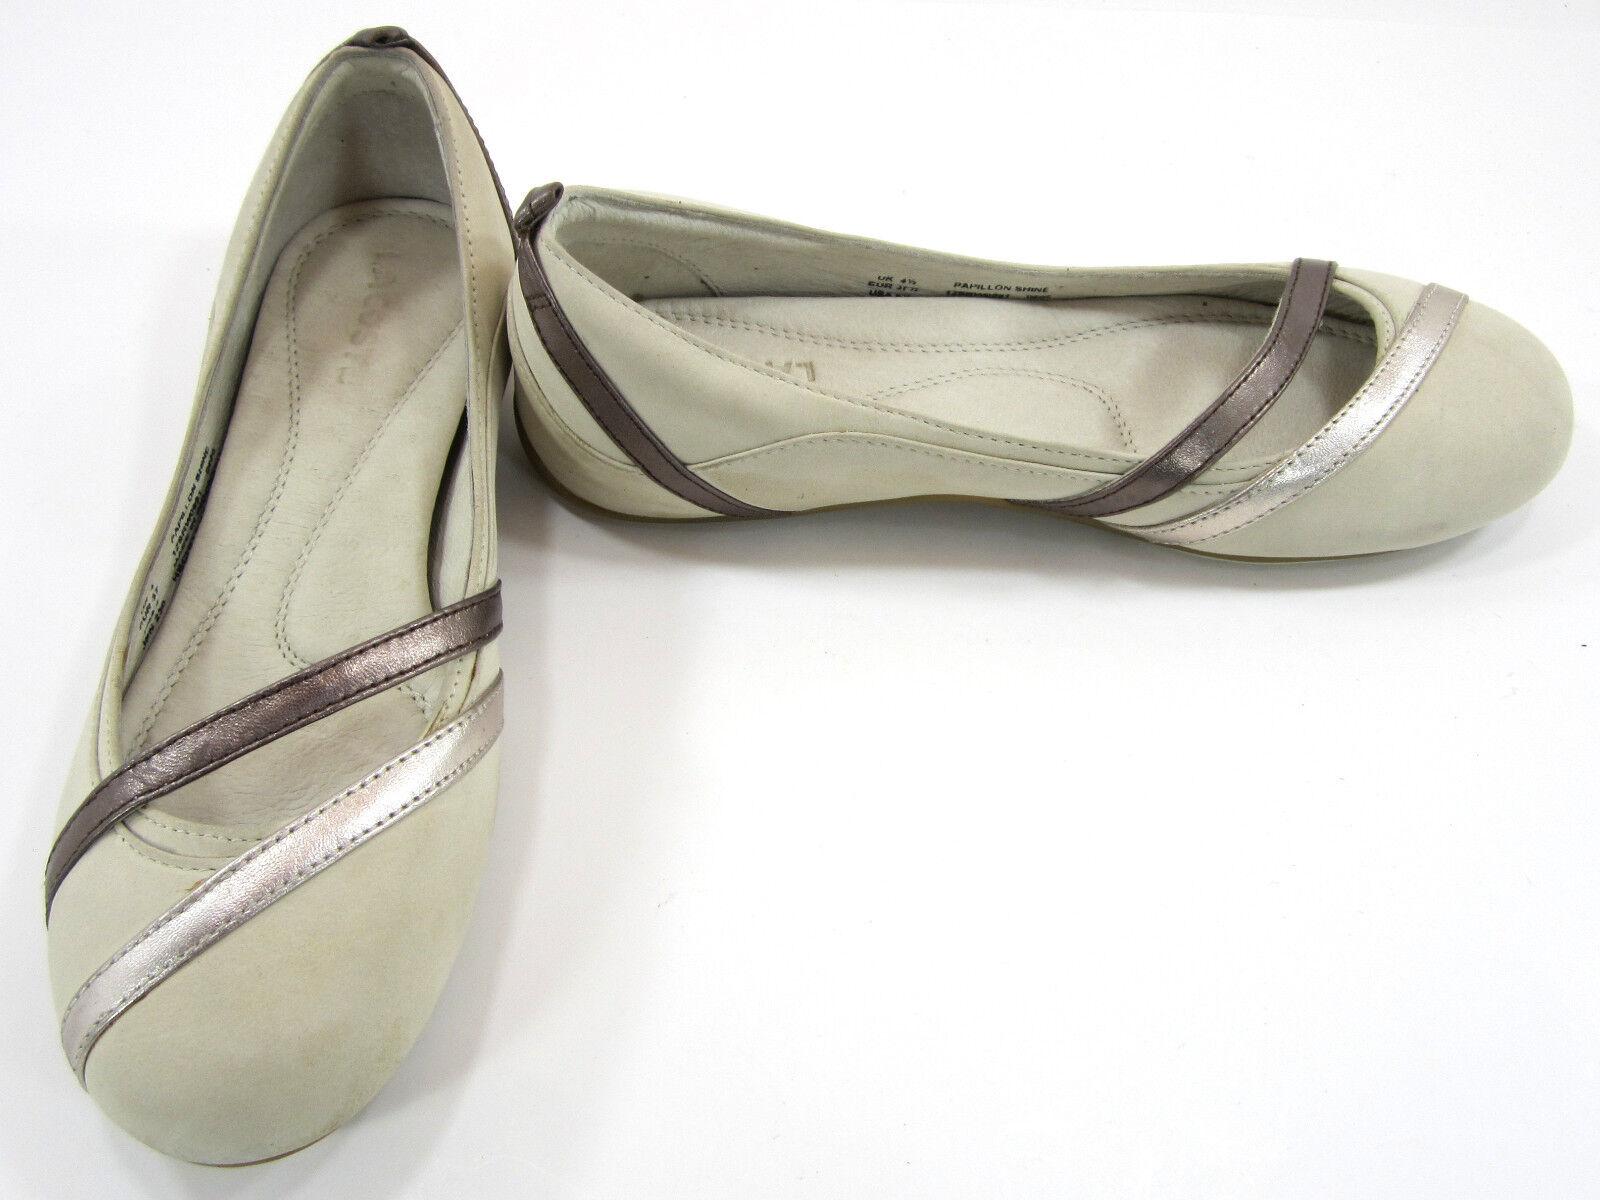 LaCoste scarpe Papillon Shine Tan  Beige   Marronee Slippers Mismatch donna 6  6.5  per il commercio all'ingrosso